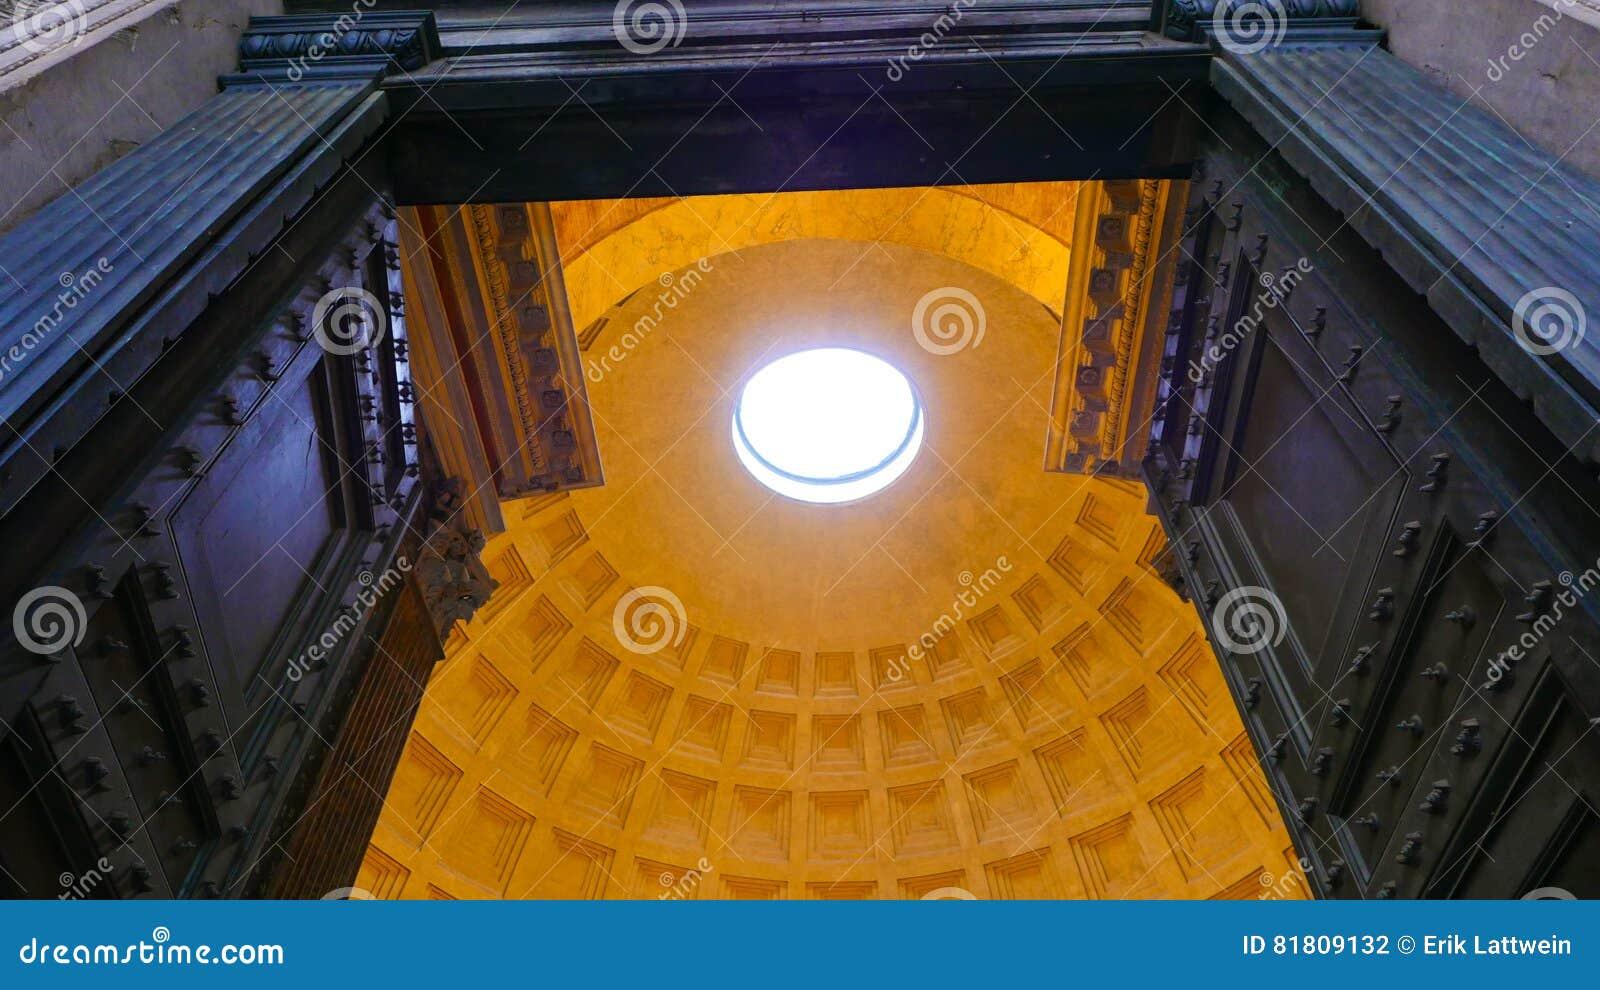 Огромные двери и впечатляющий купол пантеона в Риме